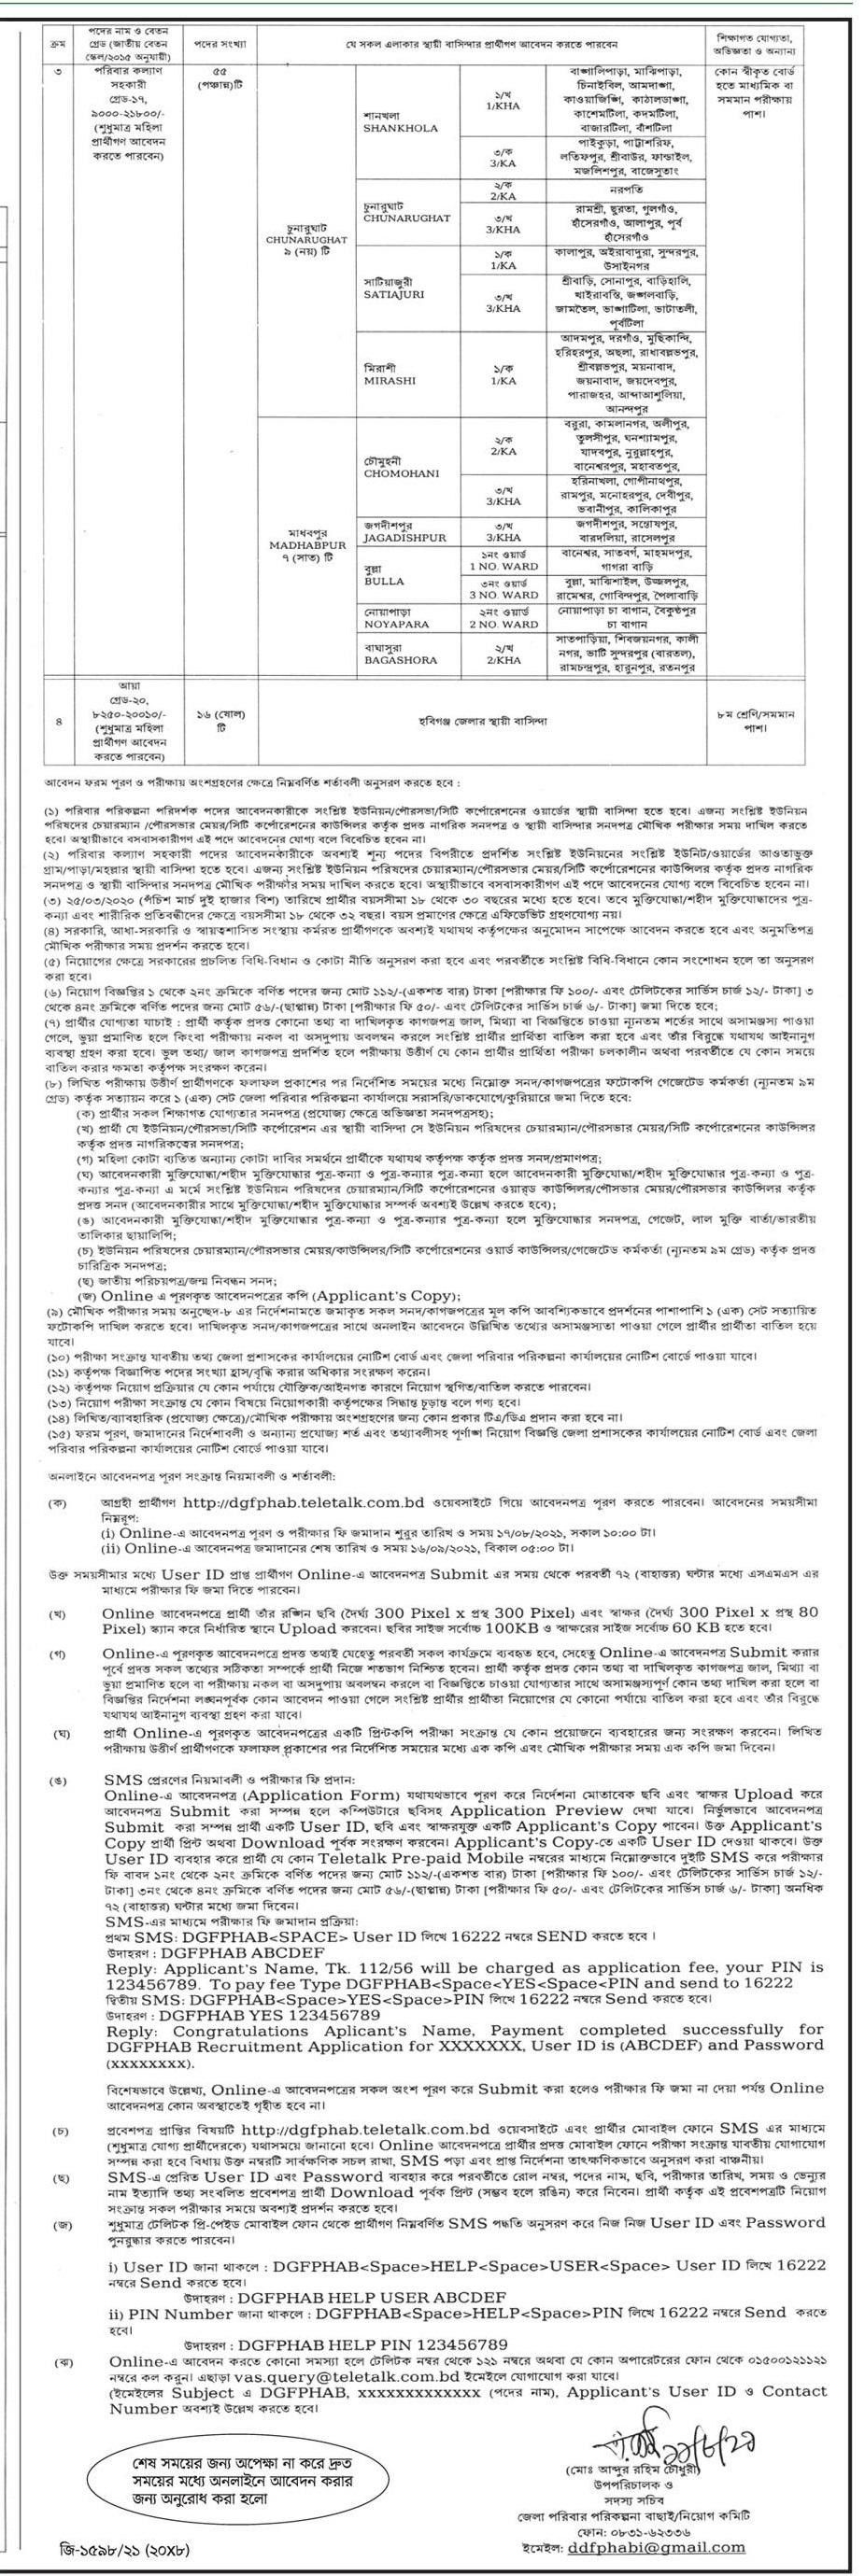 হবিগঞ্জ জেলা পরিবার পরিকল্পনা নিয়োগ বিজ্ঞপ্তি ২০২১ - Habiganj District Akhaura Upazila Family Planning Job Circular 2021 - পরিবার পরিকল্পনা নিয়োগ বিজ্ঞপ্তি ২০২১